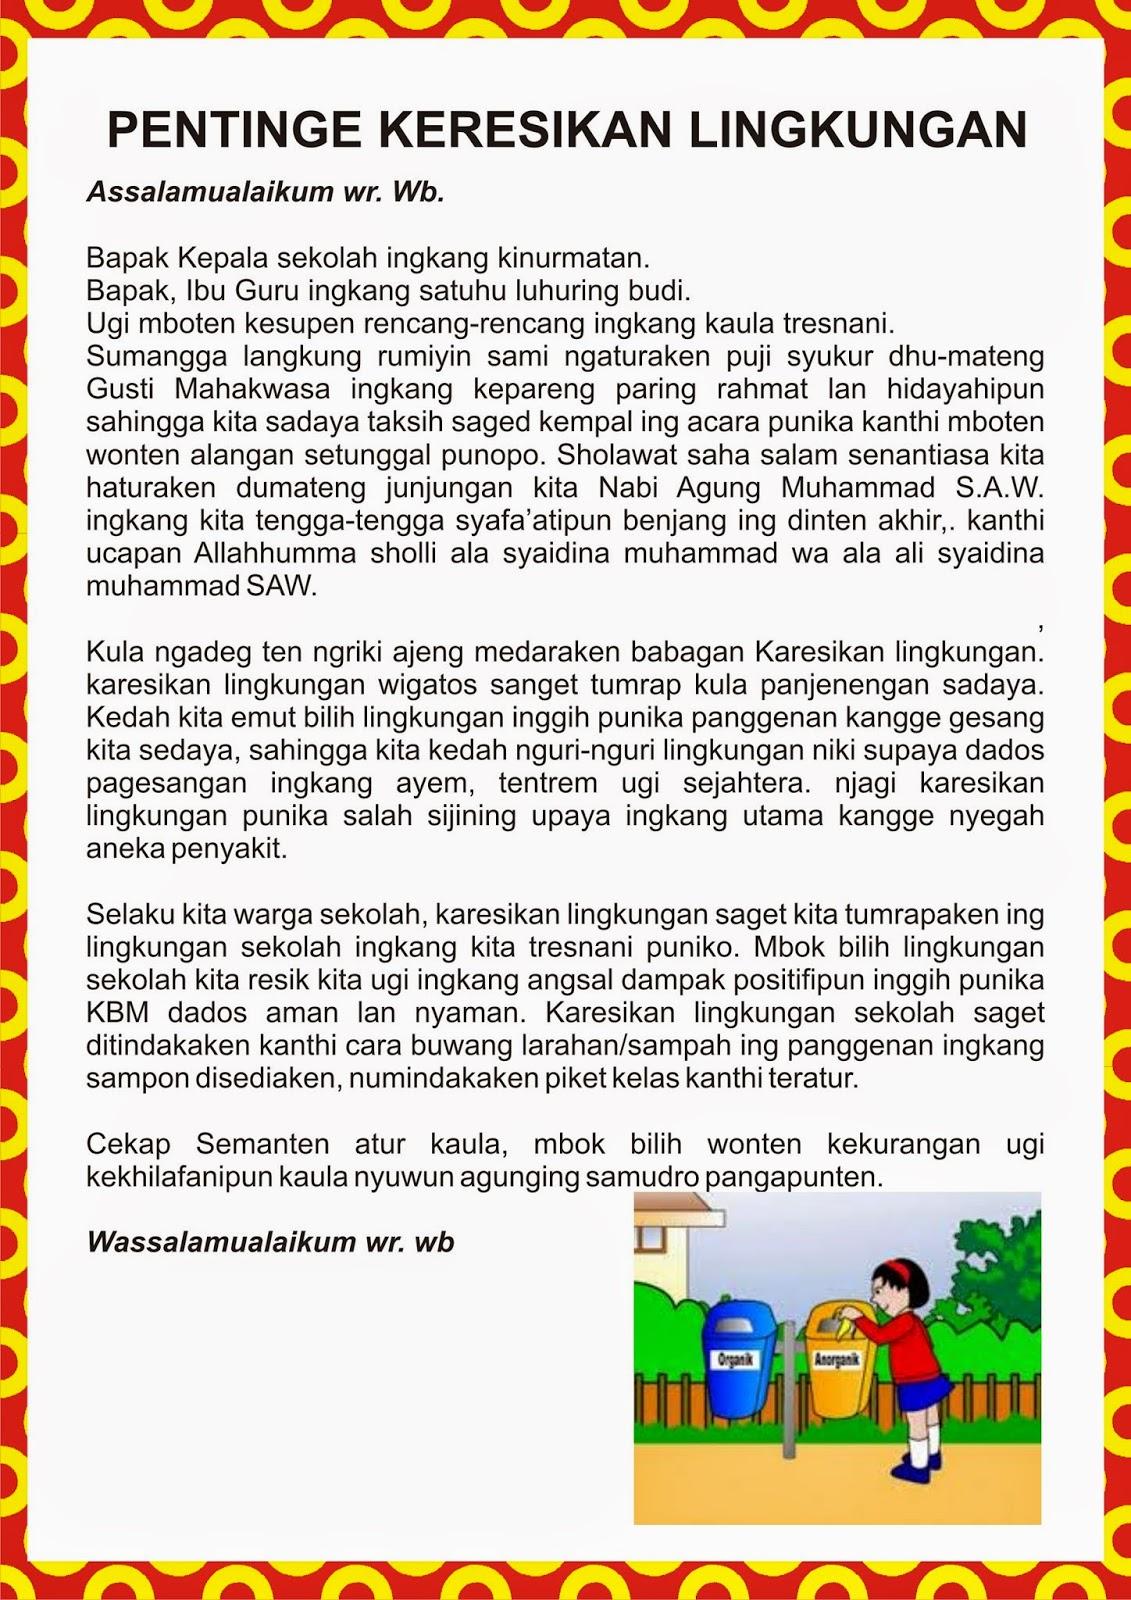 Naskah Sesorah Bahasa Jawa Tentang Kebersihan